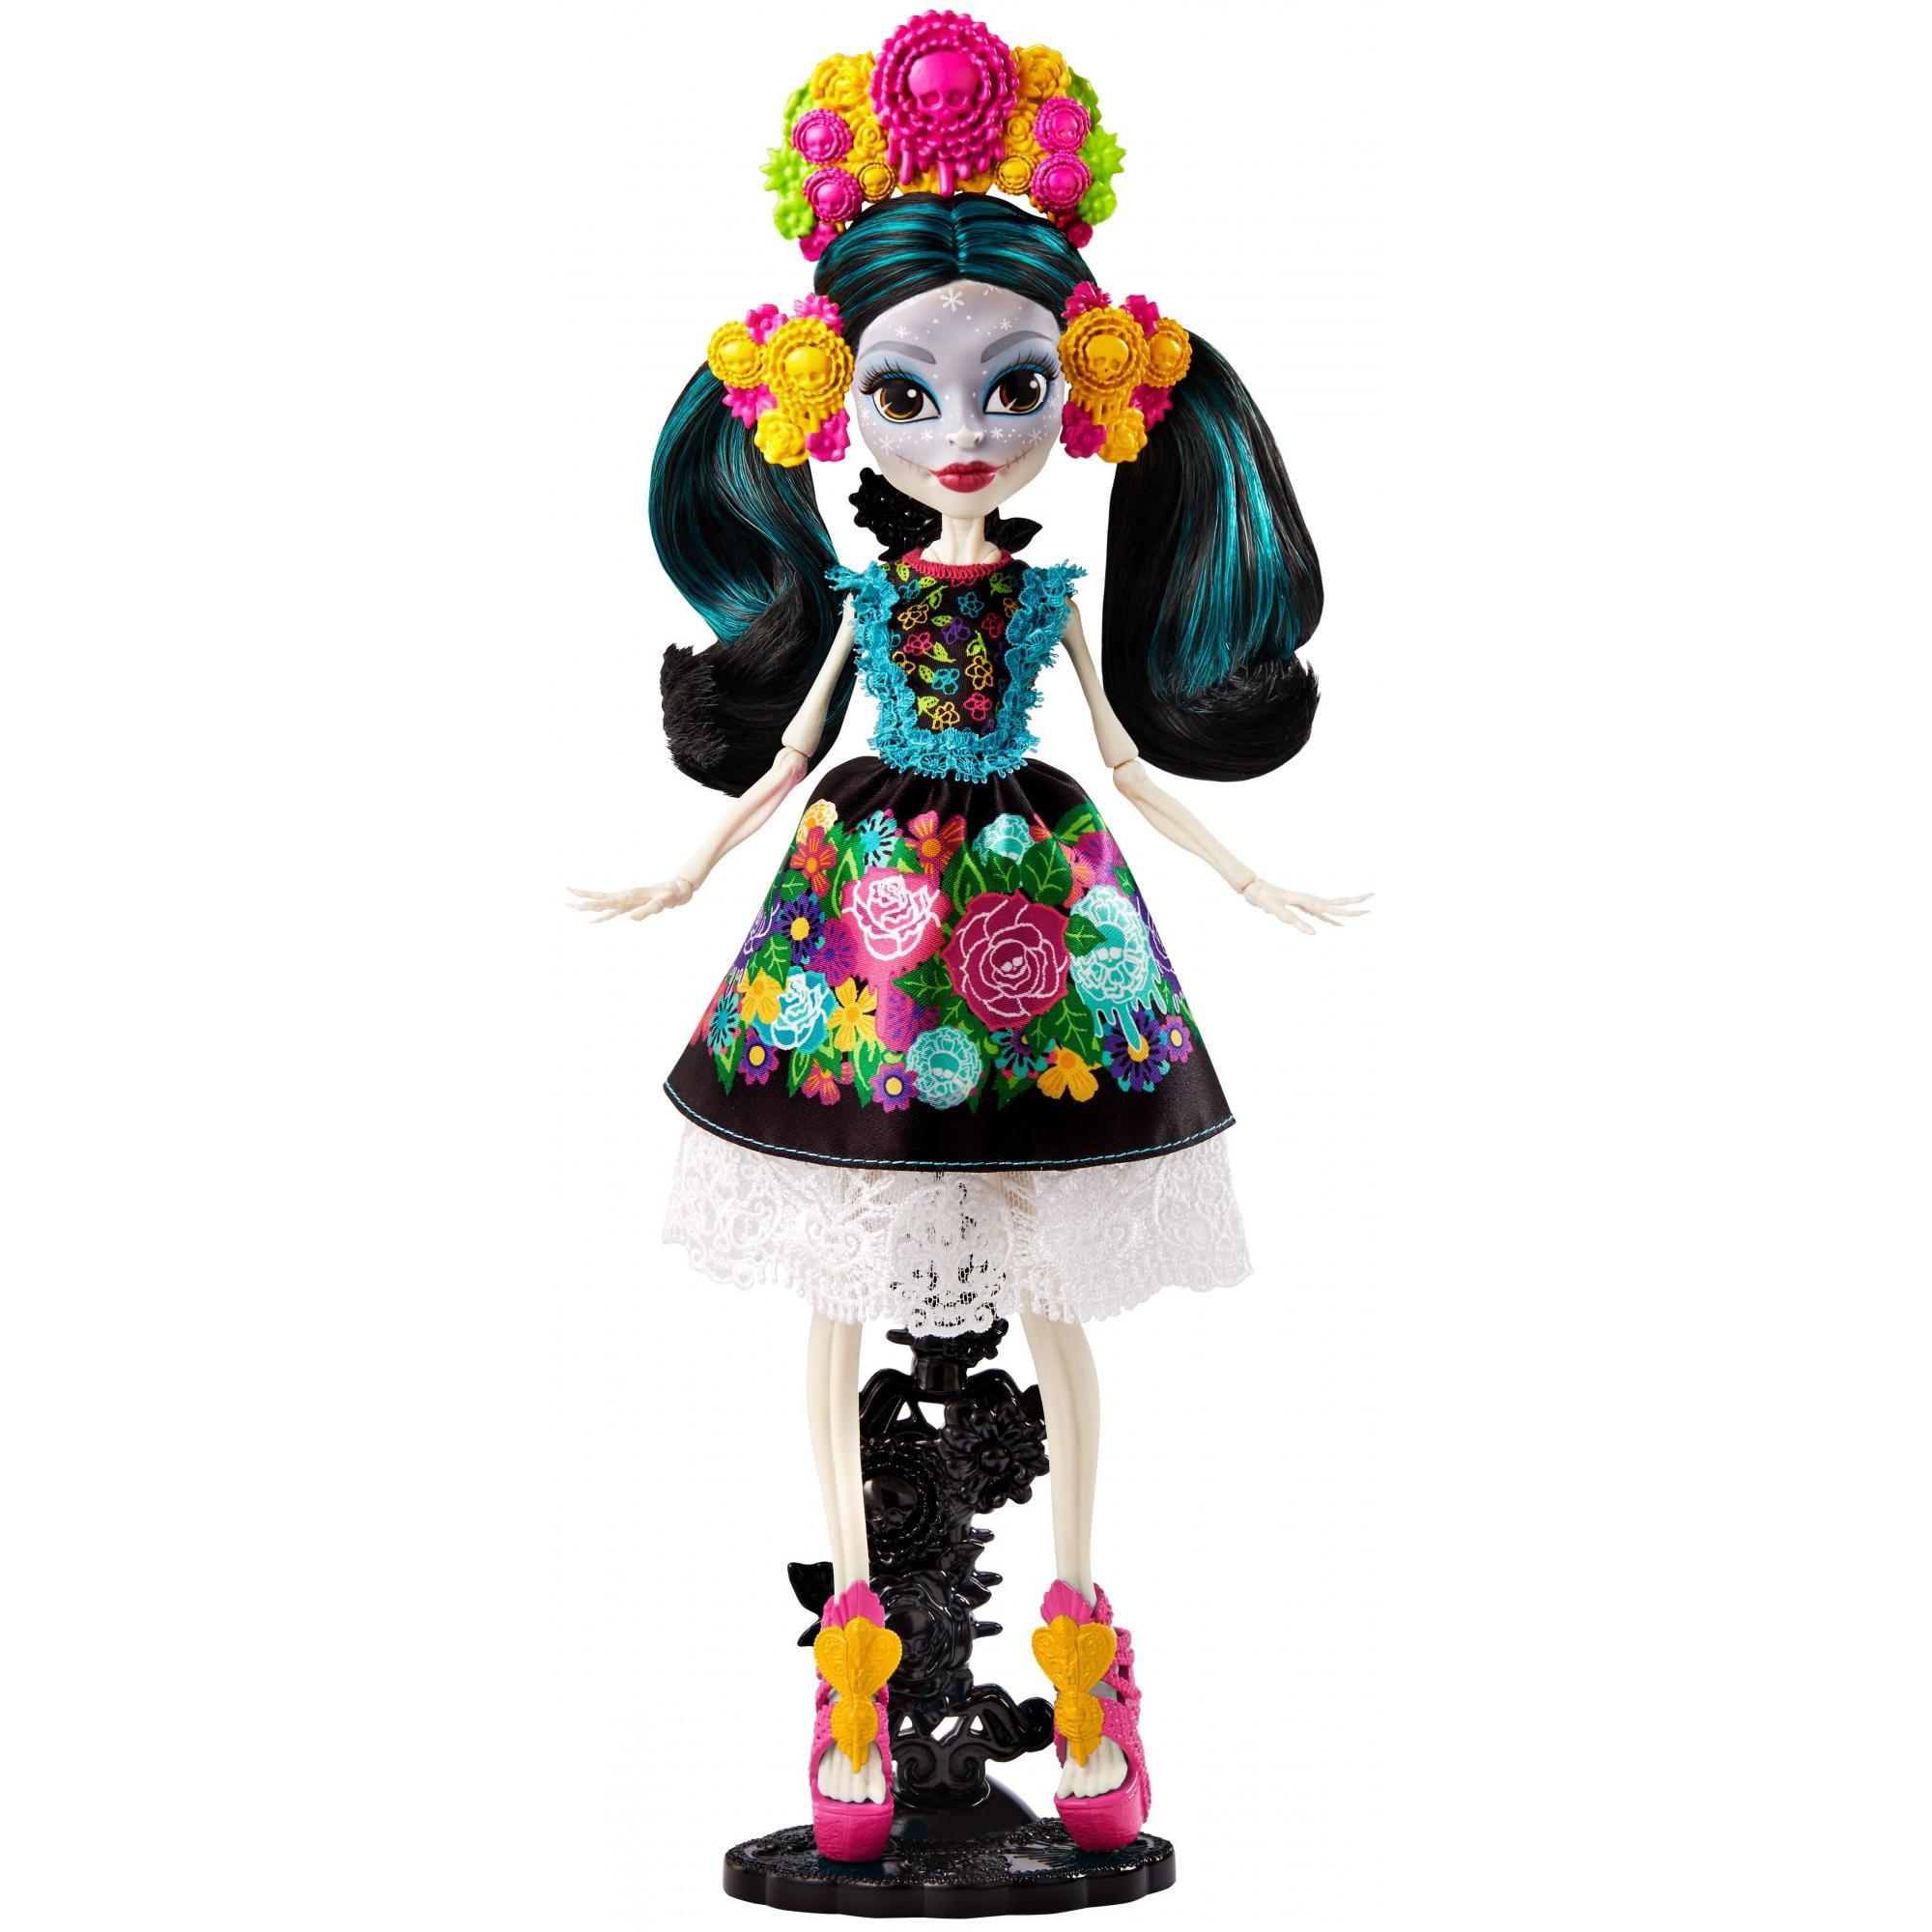 Monster High Collector Skelita Calaveras Doll